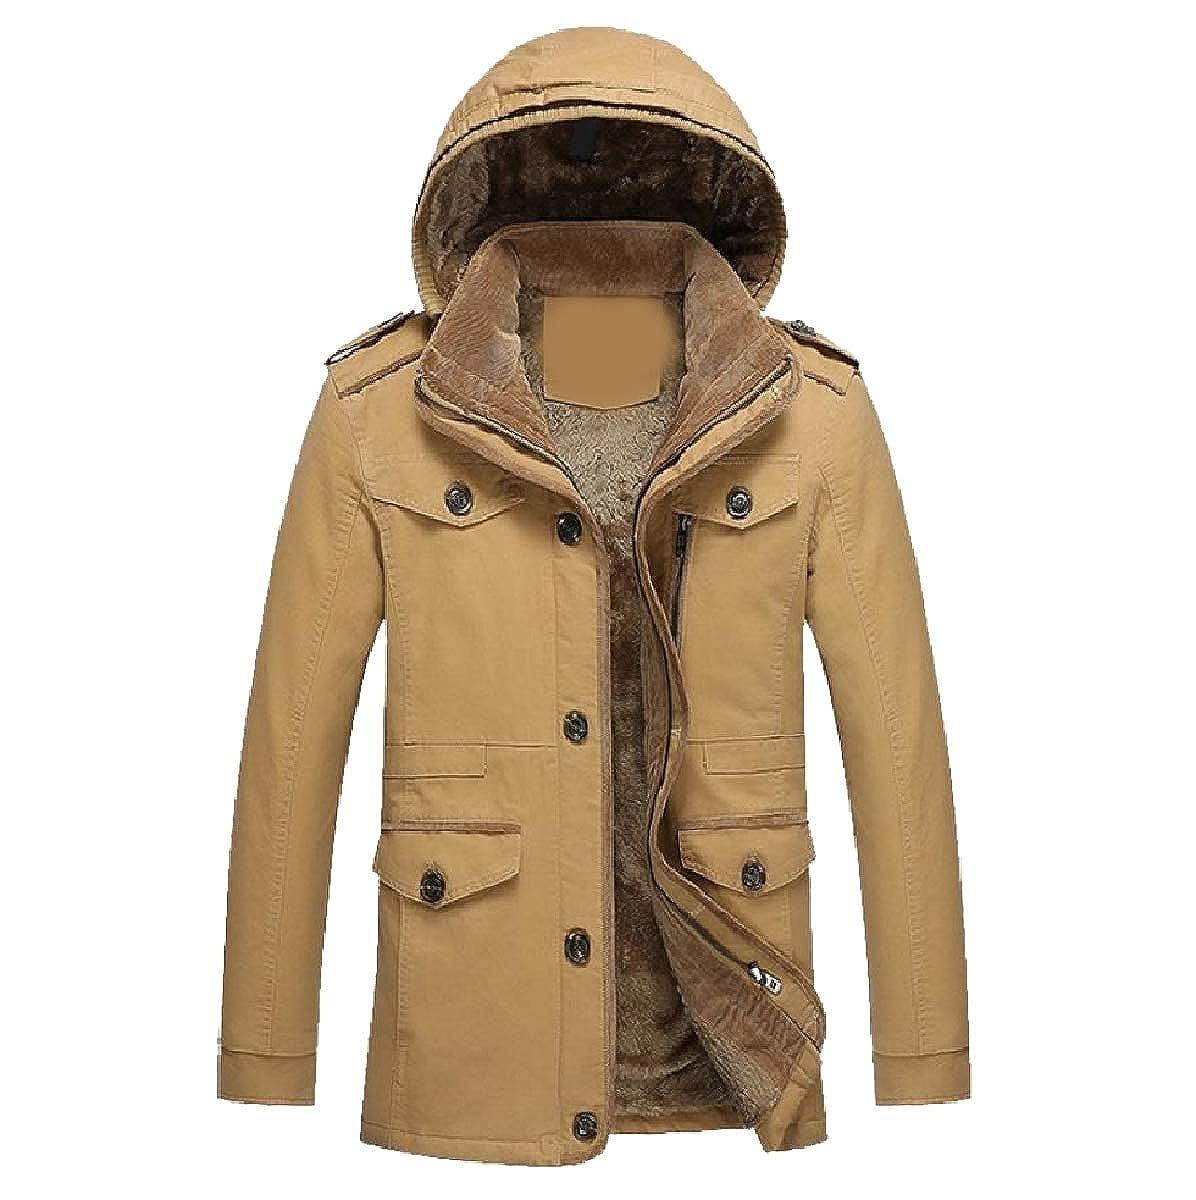 YUNY Men Hoodie Outwear Thicken Cotton Fleece Lined Parka Jackets Khaki M